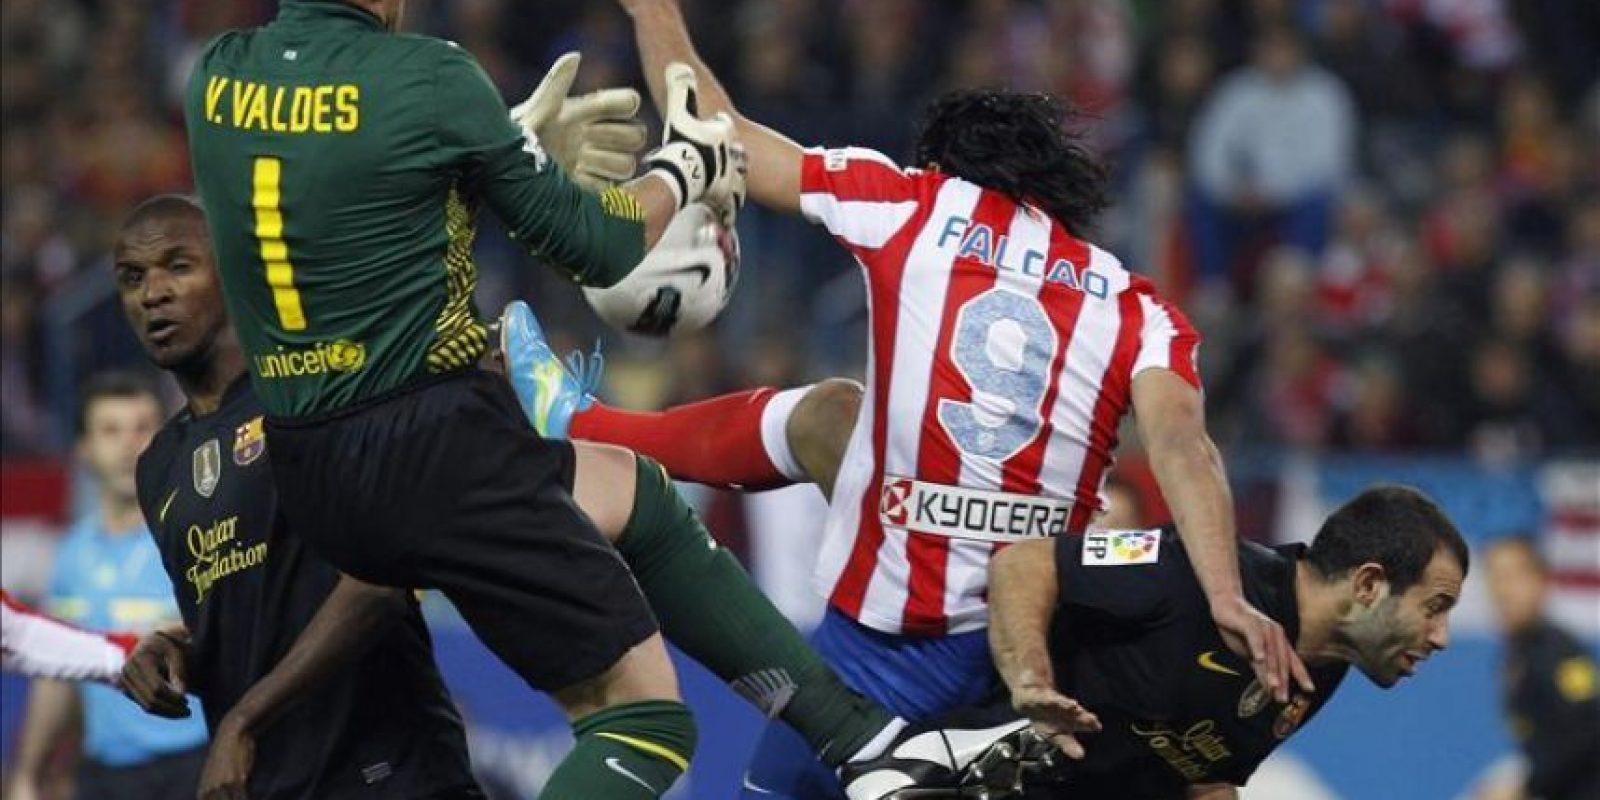 El portero del FC Barcelona Víctor Valdés (2i) no consigue atajar un balón ante la presencia del delantero colombiano del Atlético de Madrid Radamel Falcao (2d) durante el partido, correspondiente a la vigésimo quinta jornada del Campeonato Nacional de Liga de Primera División en el estadio Vicente Calderón. EFE